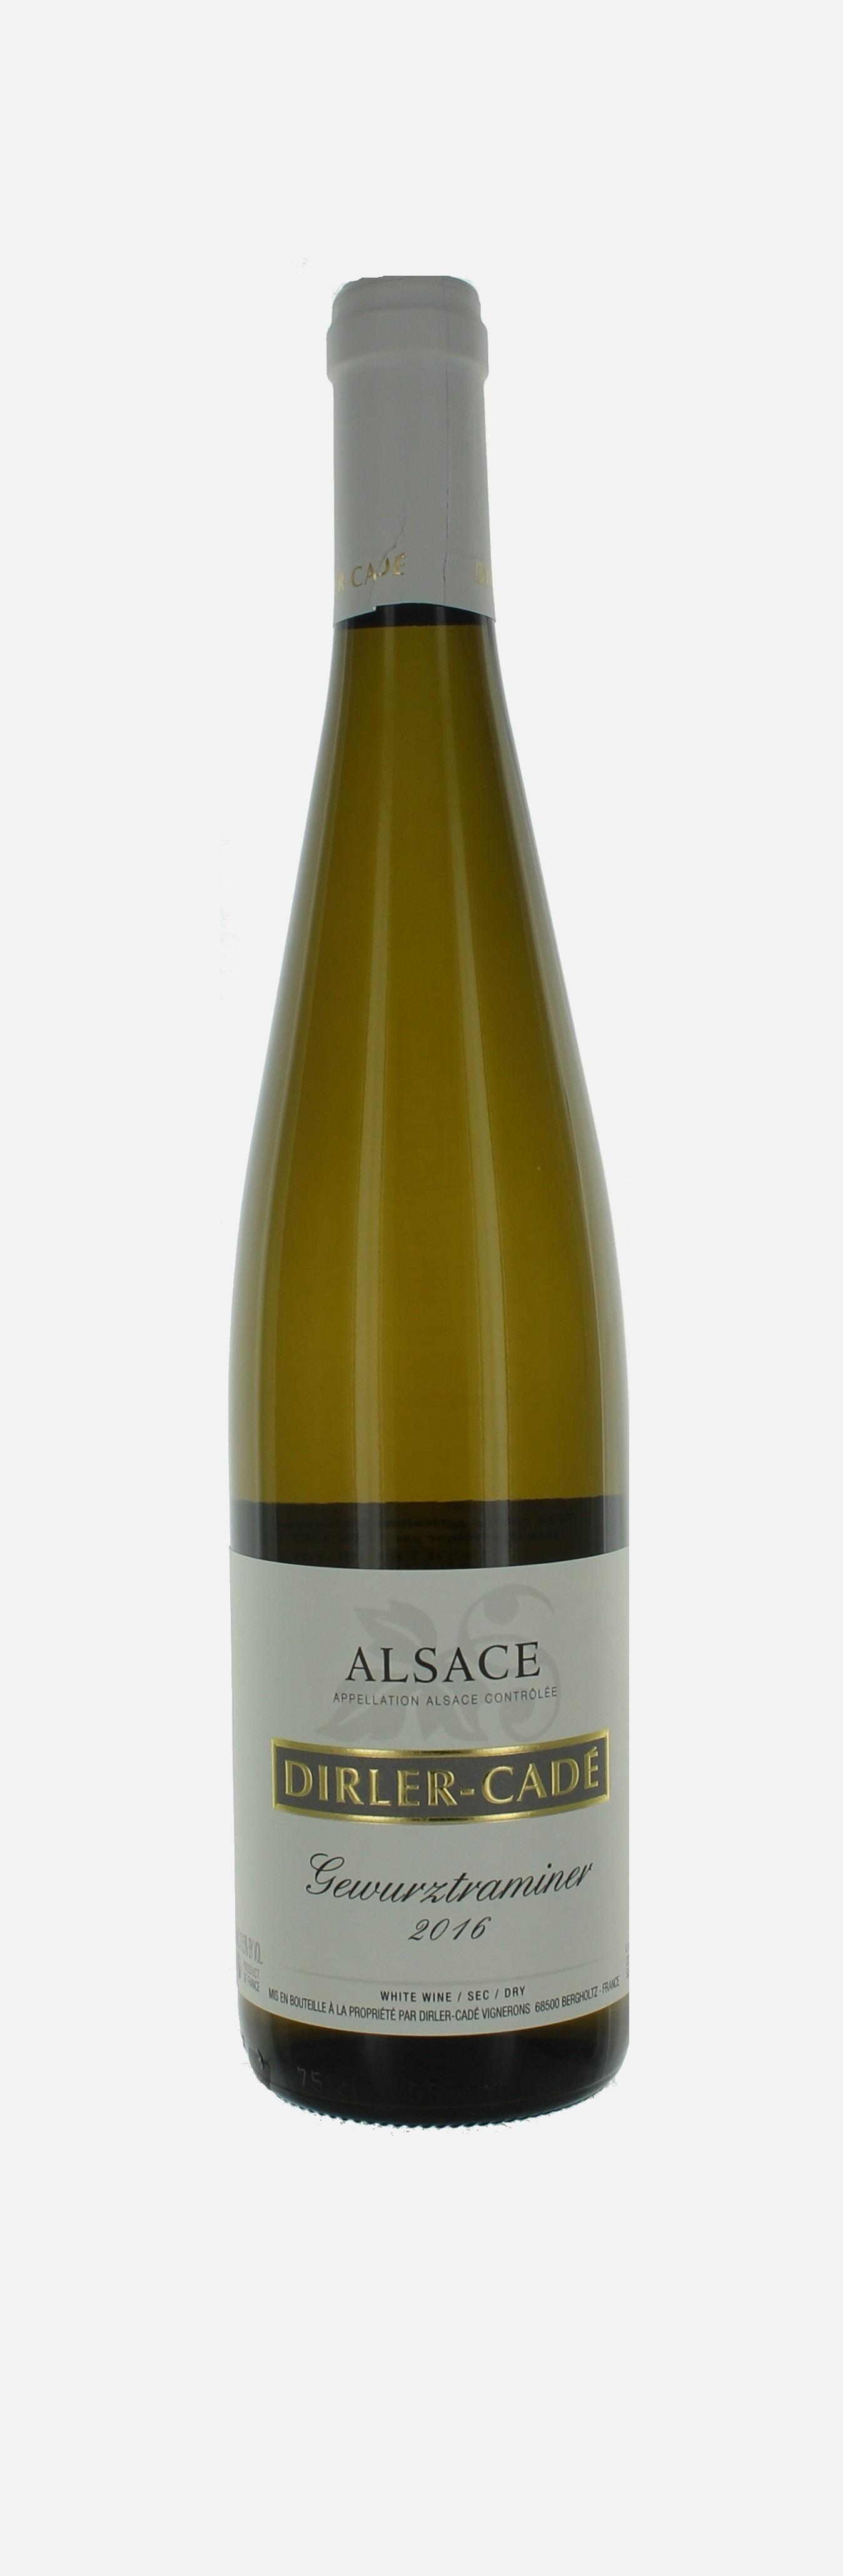 Gewurztraminer, Alsace, Domaine Dirler Cade